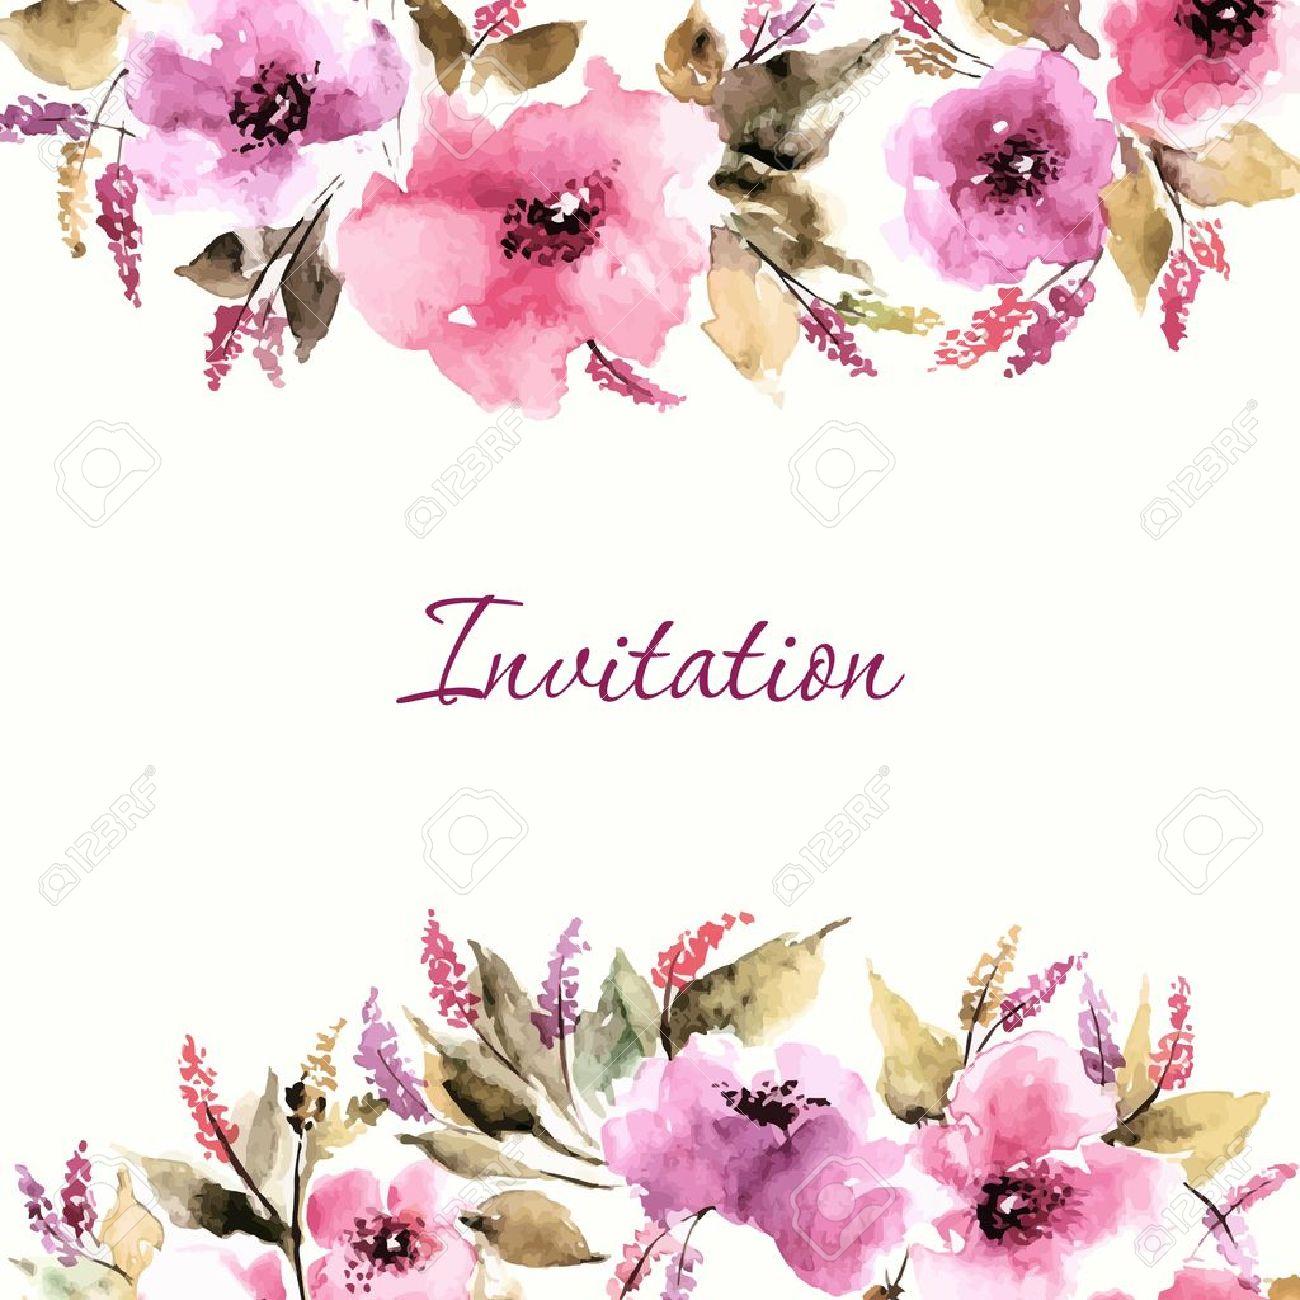 Tarjeta De Cumpleaños Floral Invitación De La Boda Fondo Floral Acuarela Ramo Floral Marco Decorativo Floral